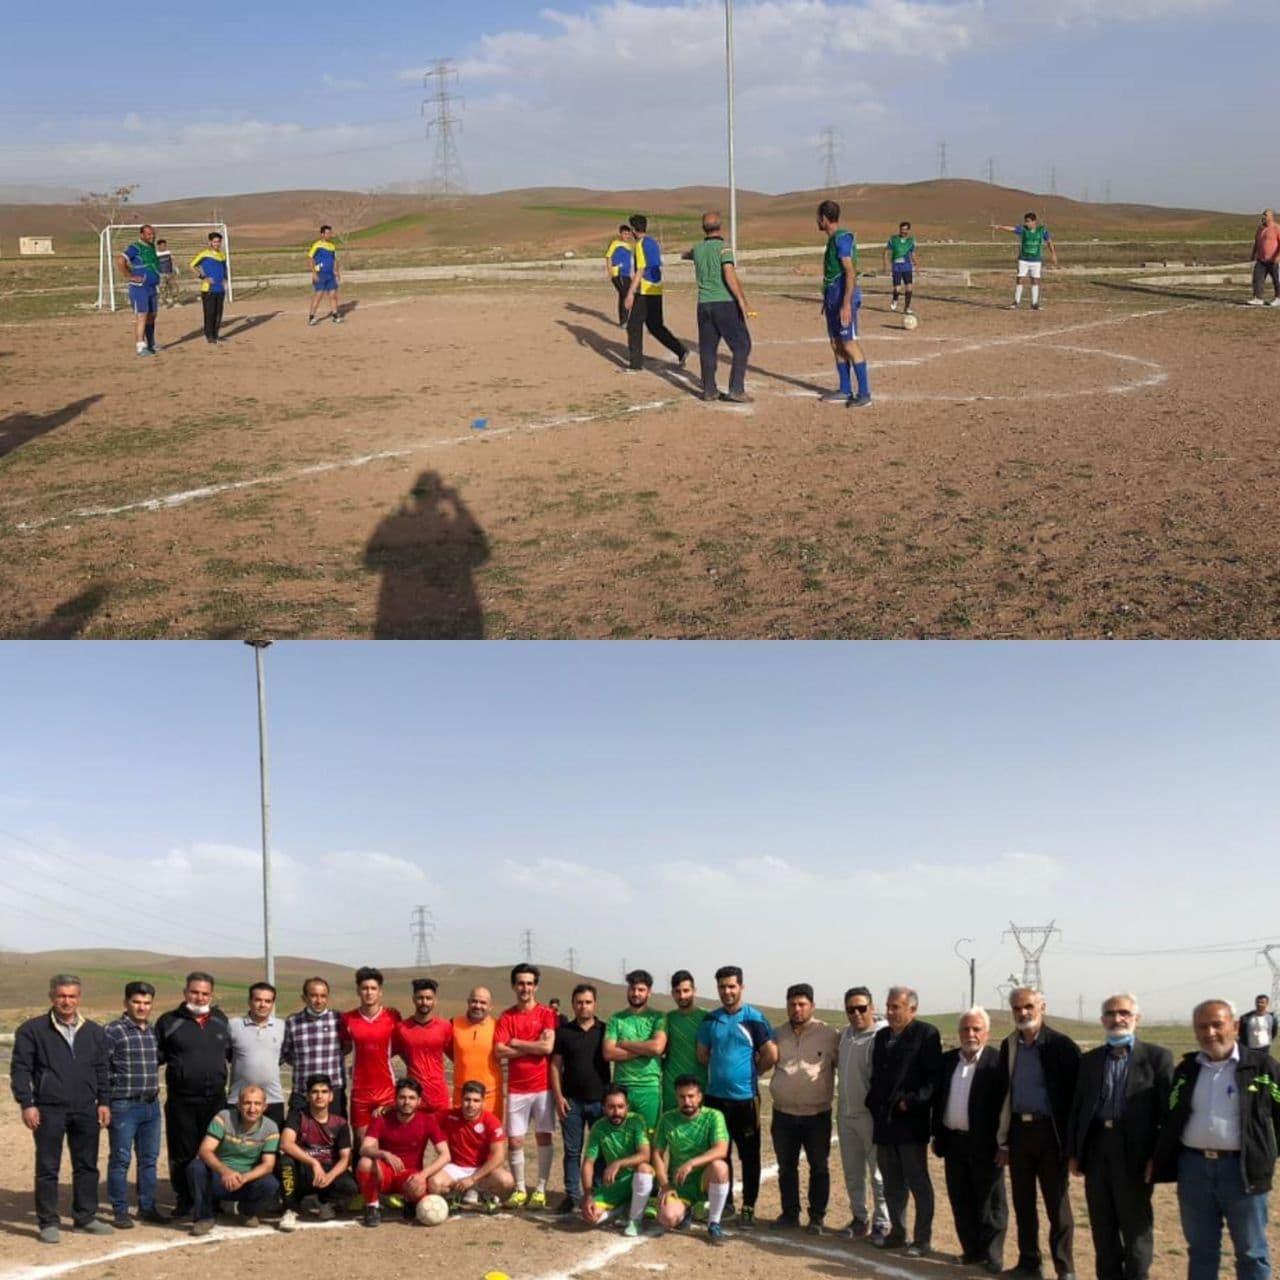 آغاز رقابتهای فوتبال جام نوروزی روستای انجیلاق